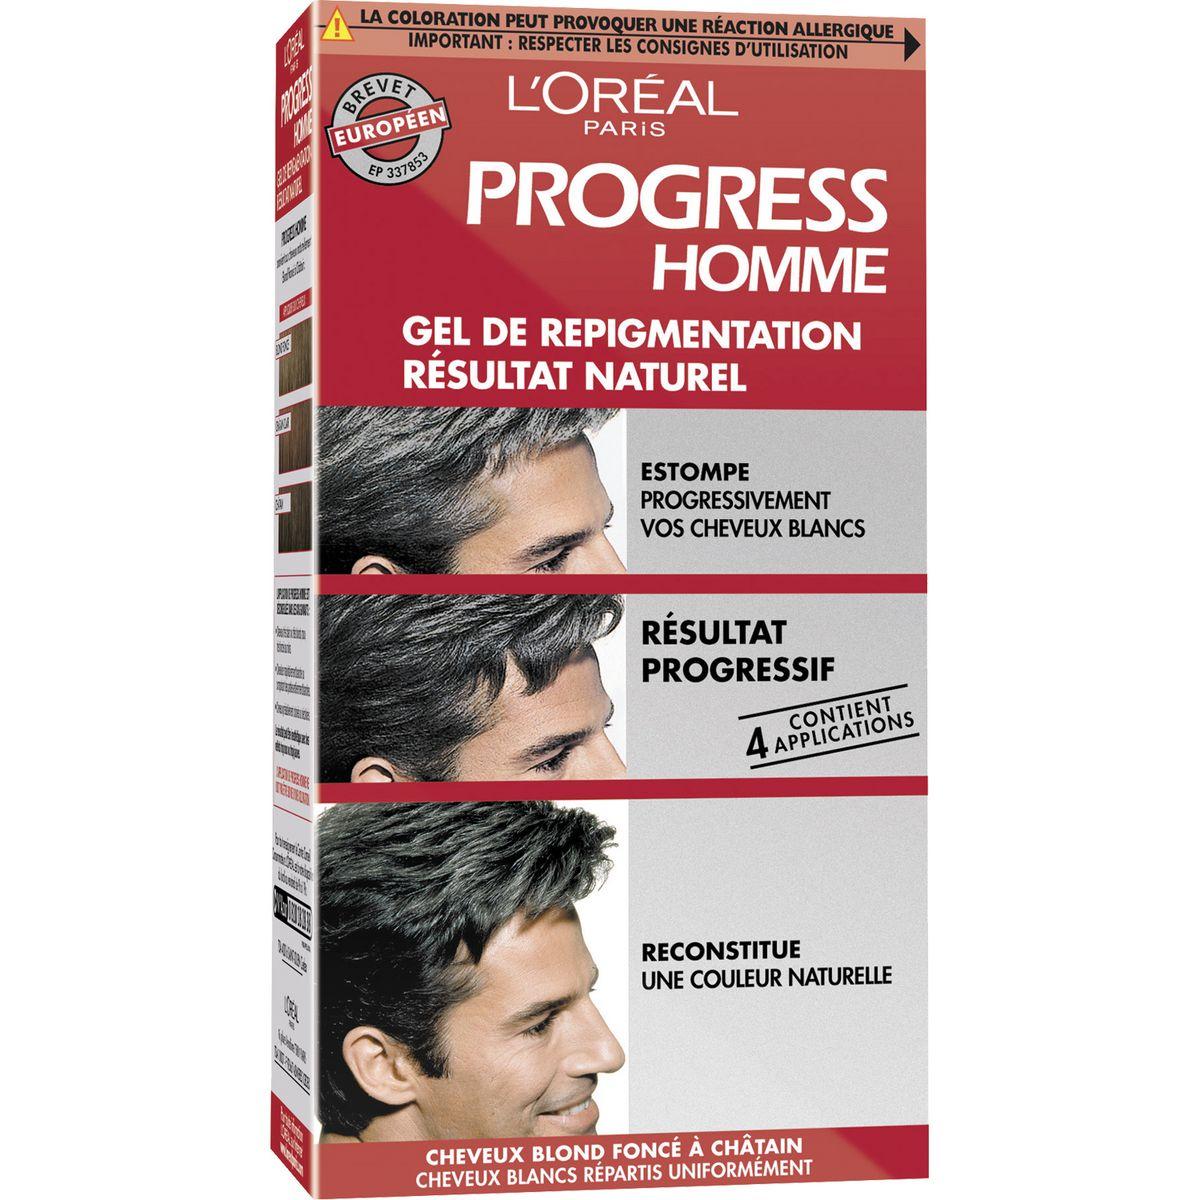 L'Oréal Gel de repigmentation pour homme blond foncé, châtain